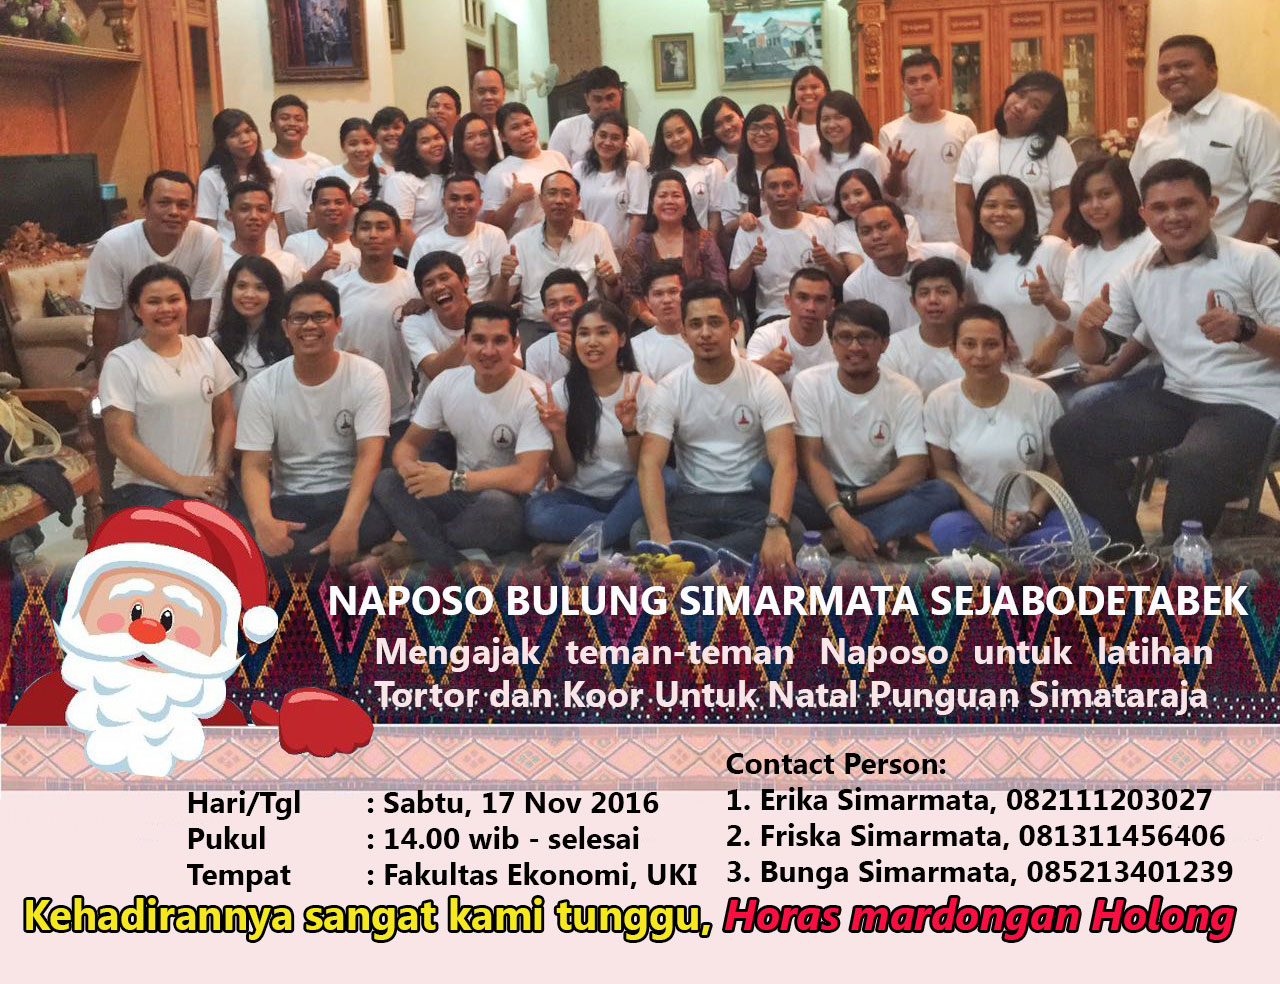 Latihan Tortor dan Koor Secara Rutin, Naposo Sejabodetabek Siap Meriahkan Natal